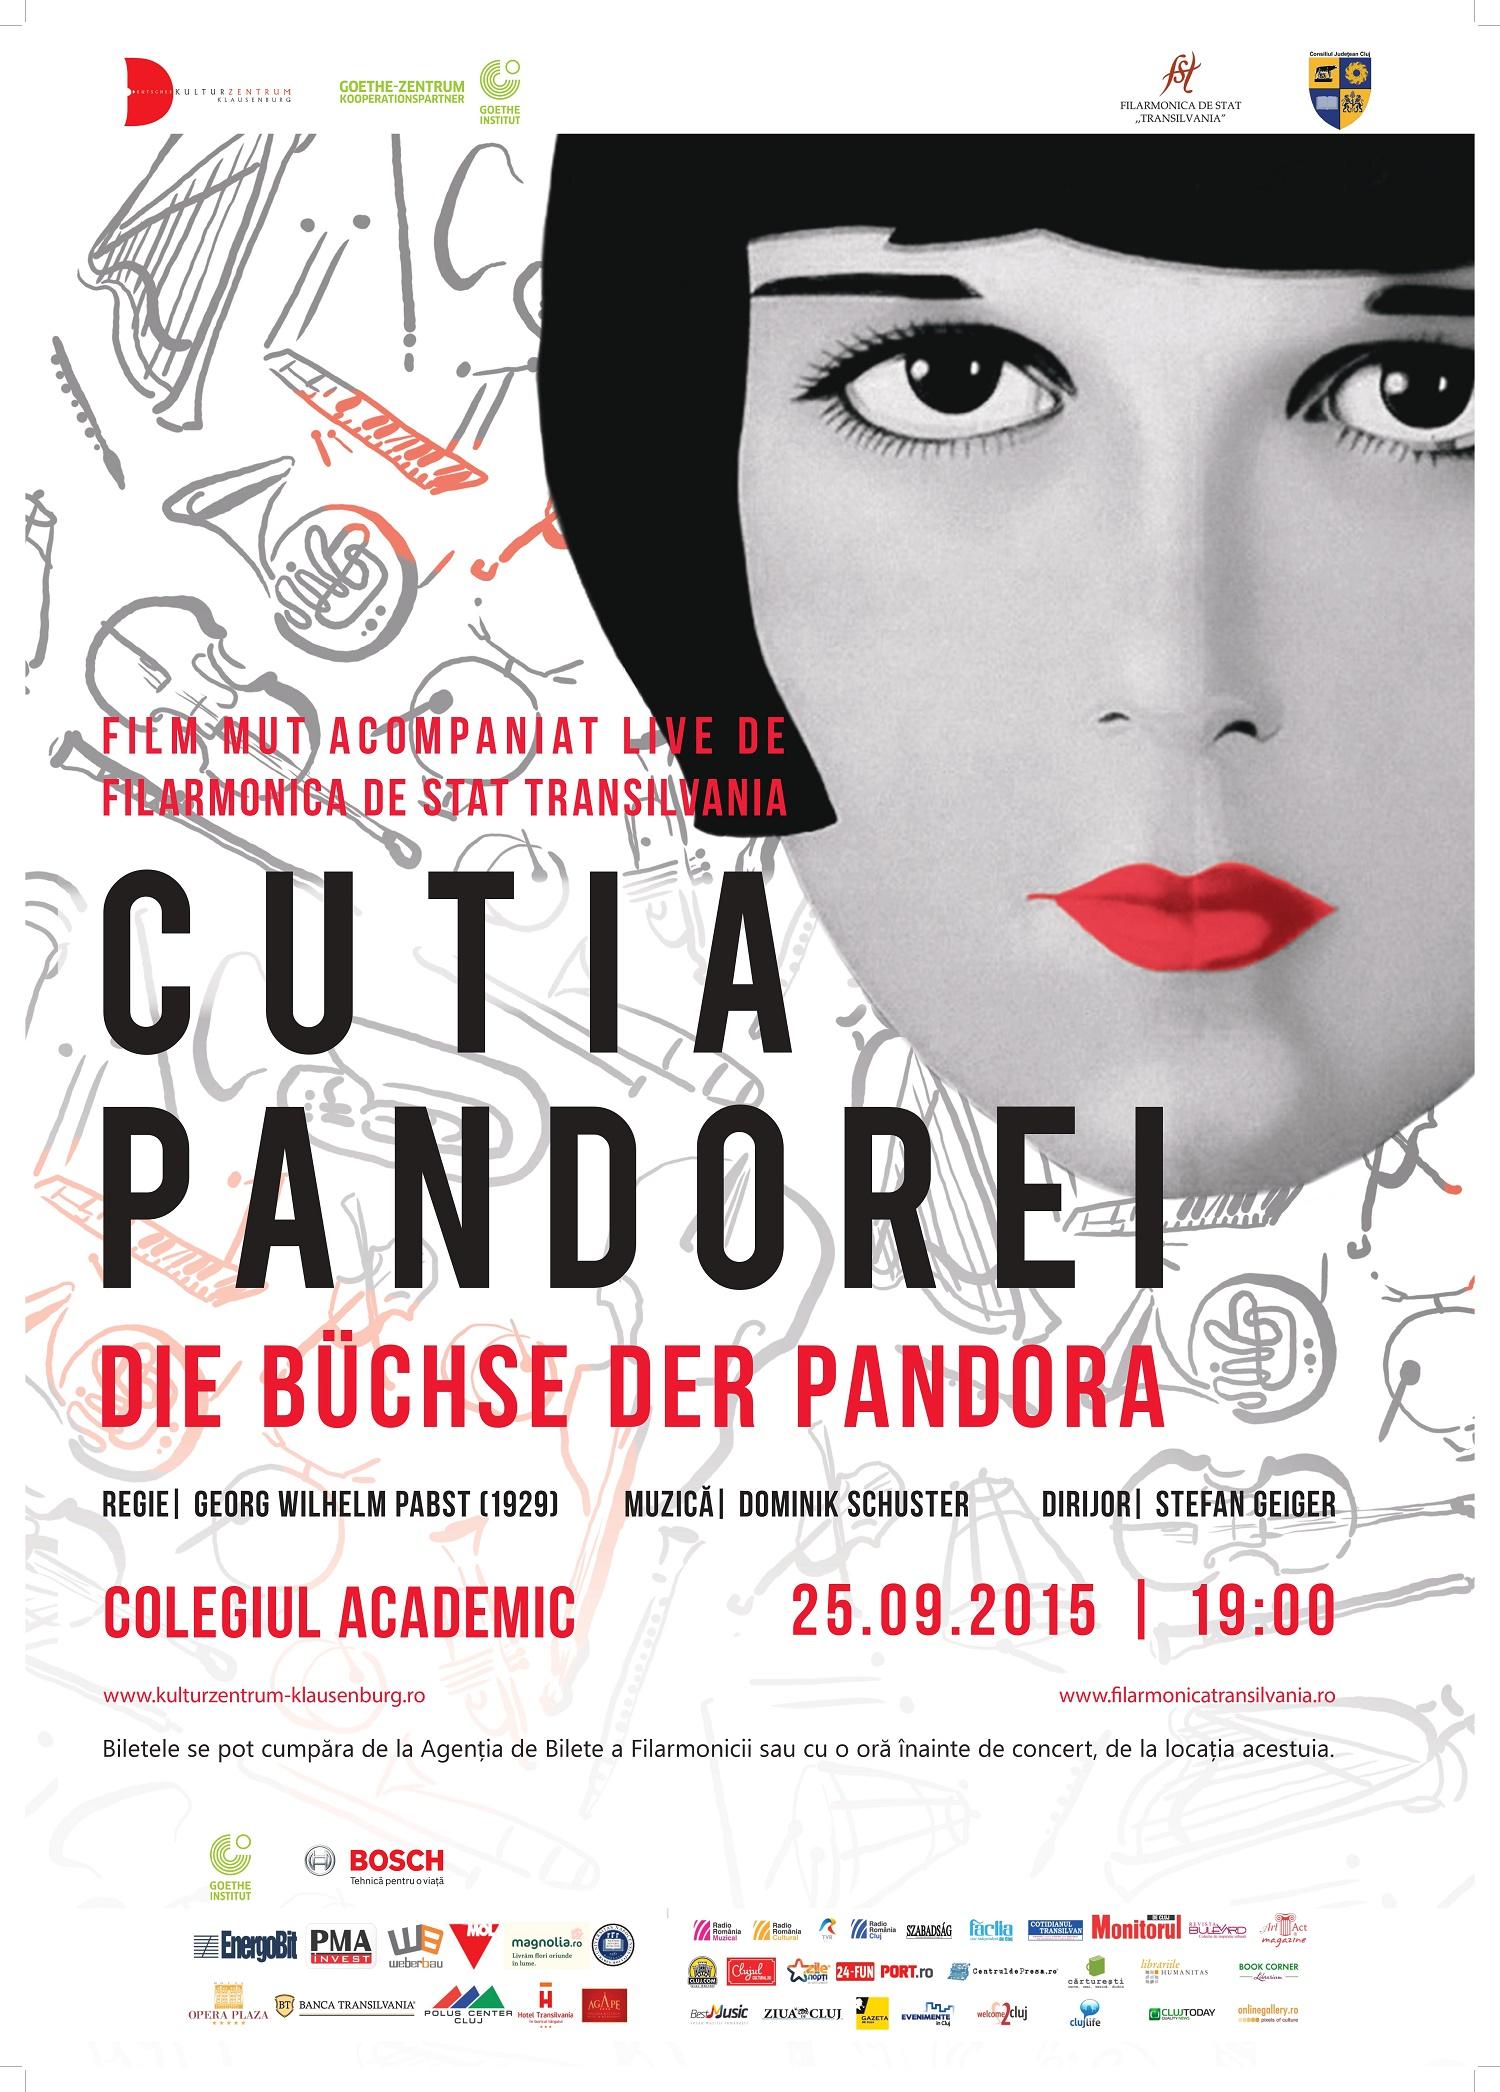 Cine-concert Cutia Pandorei @ Colegiul Academic